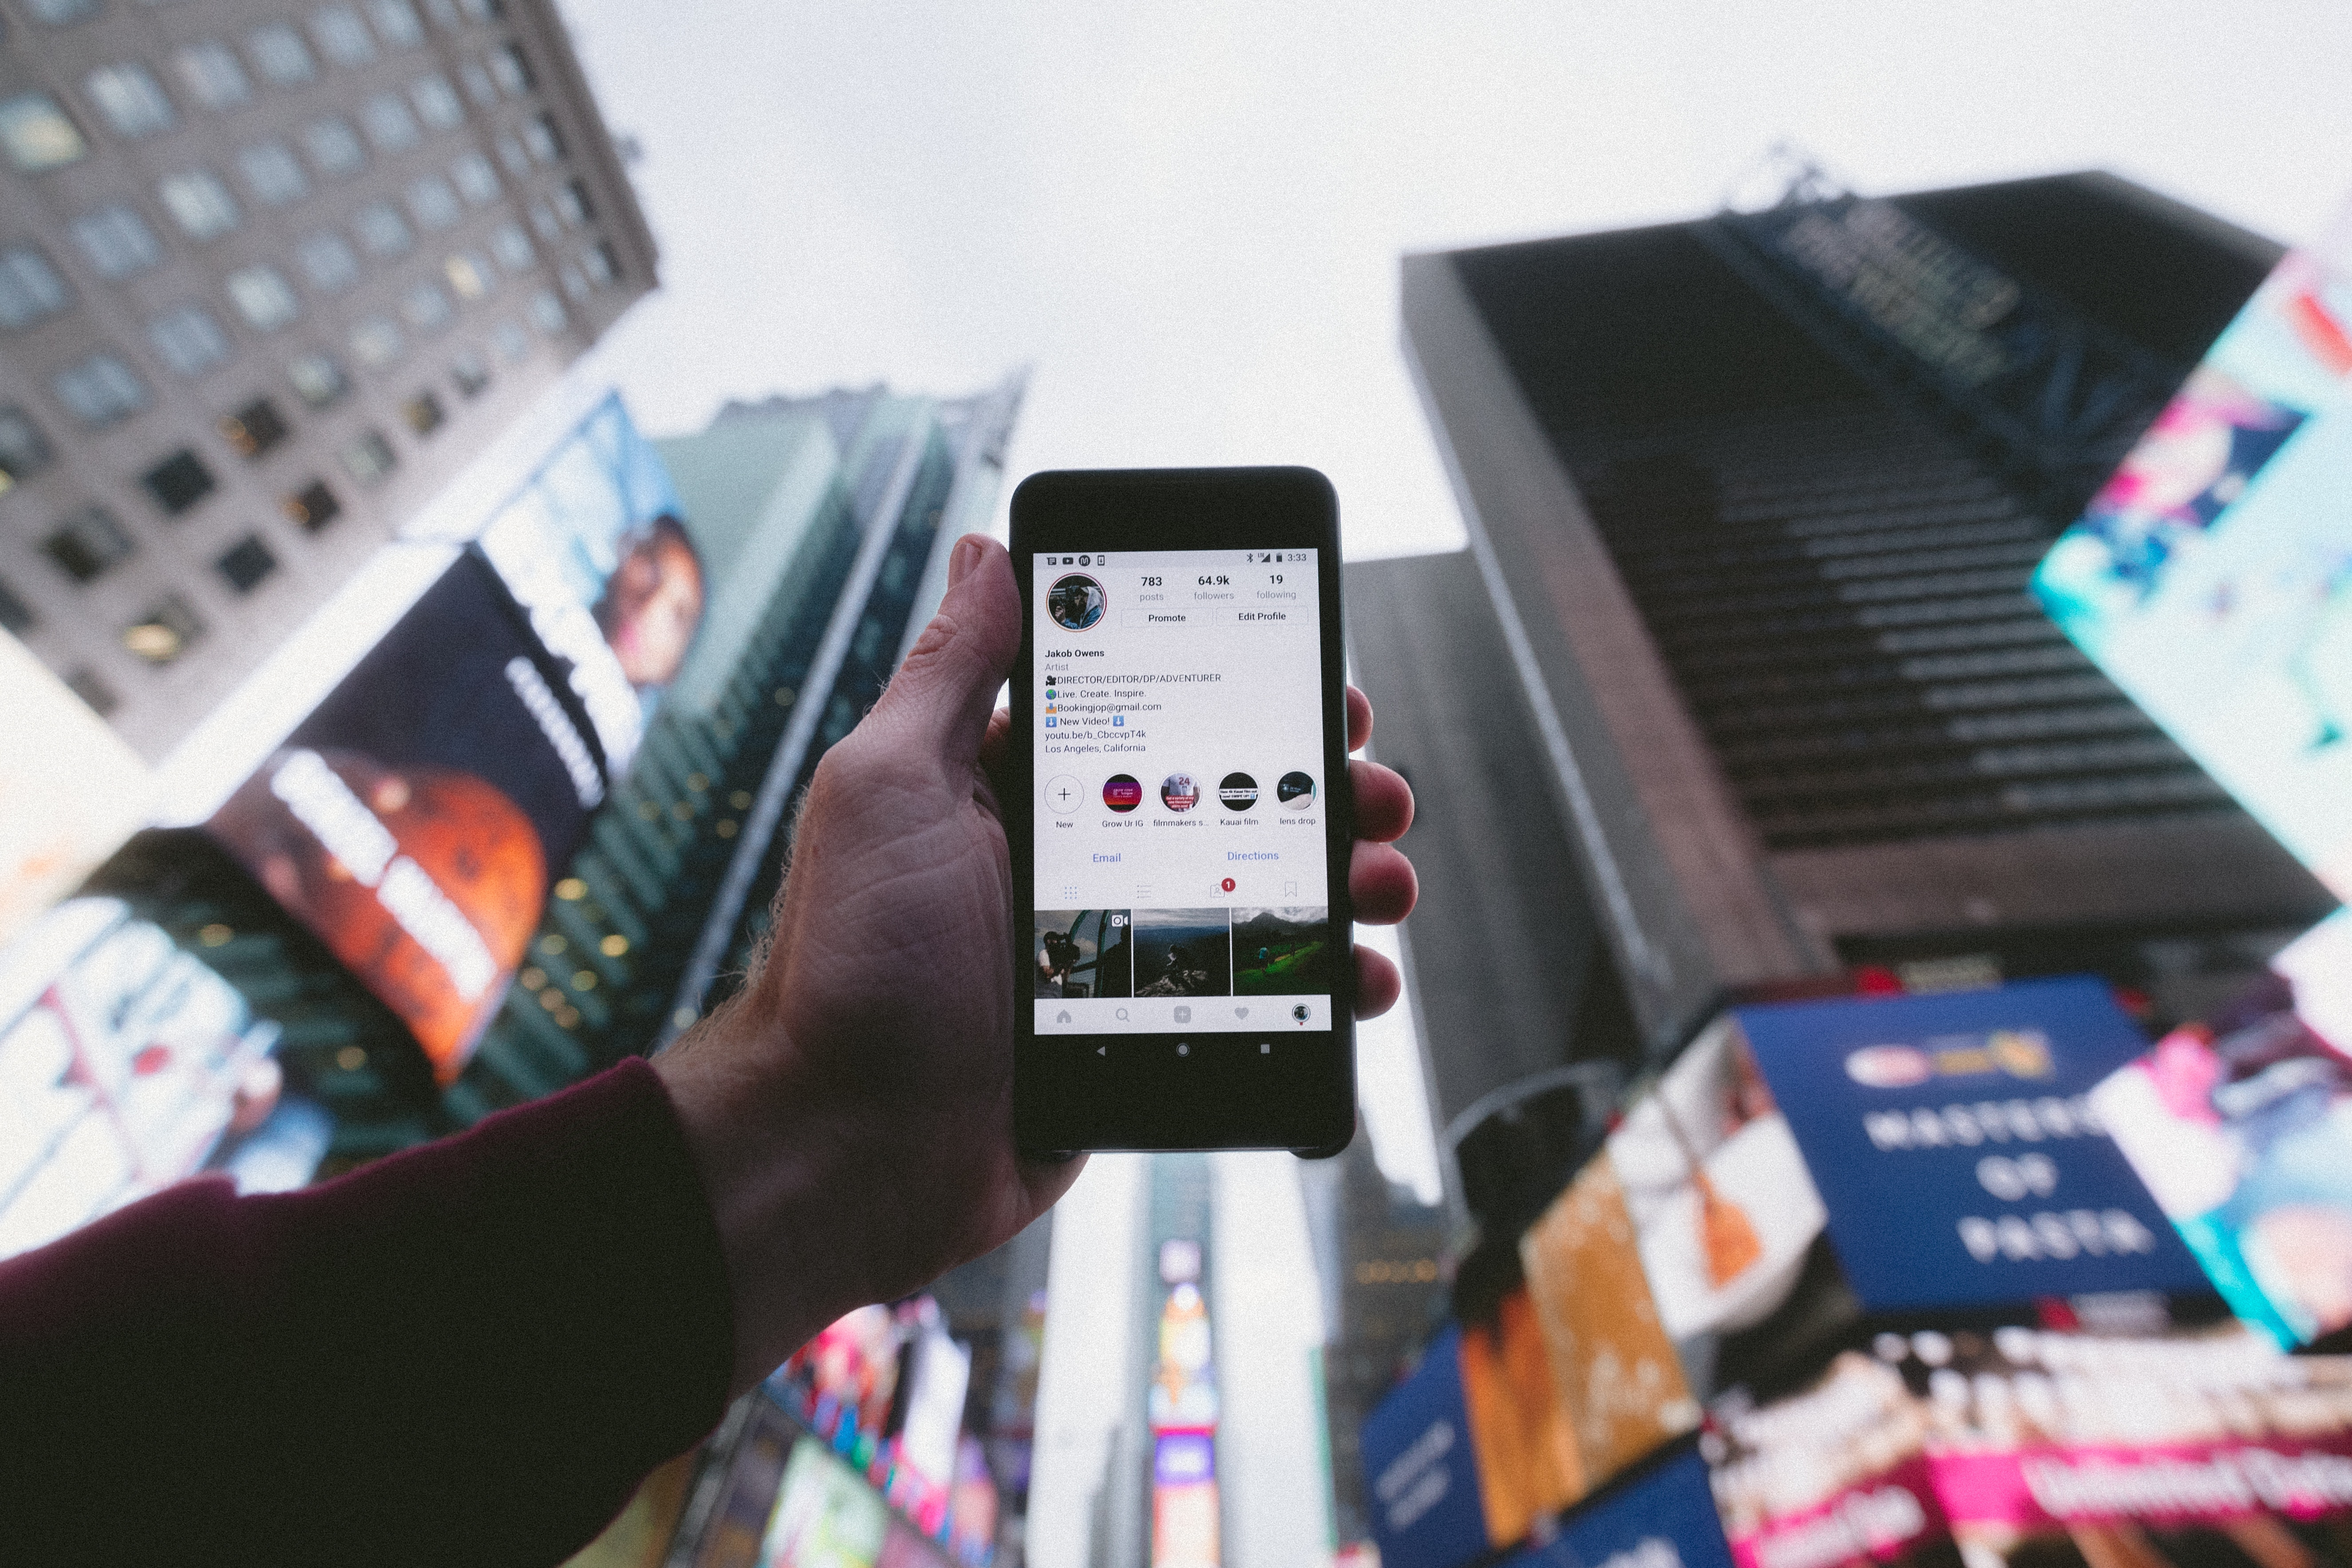 Instagram 和索尼的 PSN 出现连接中断问题